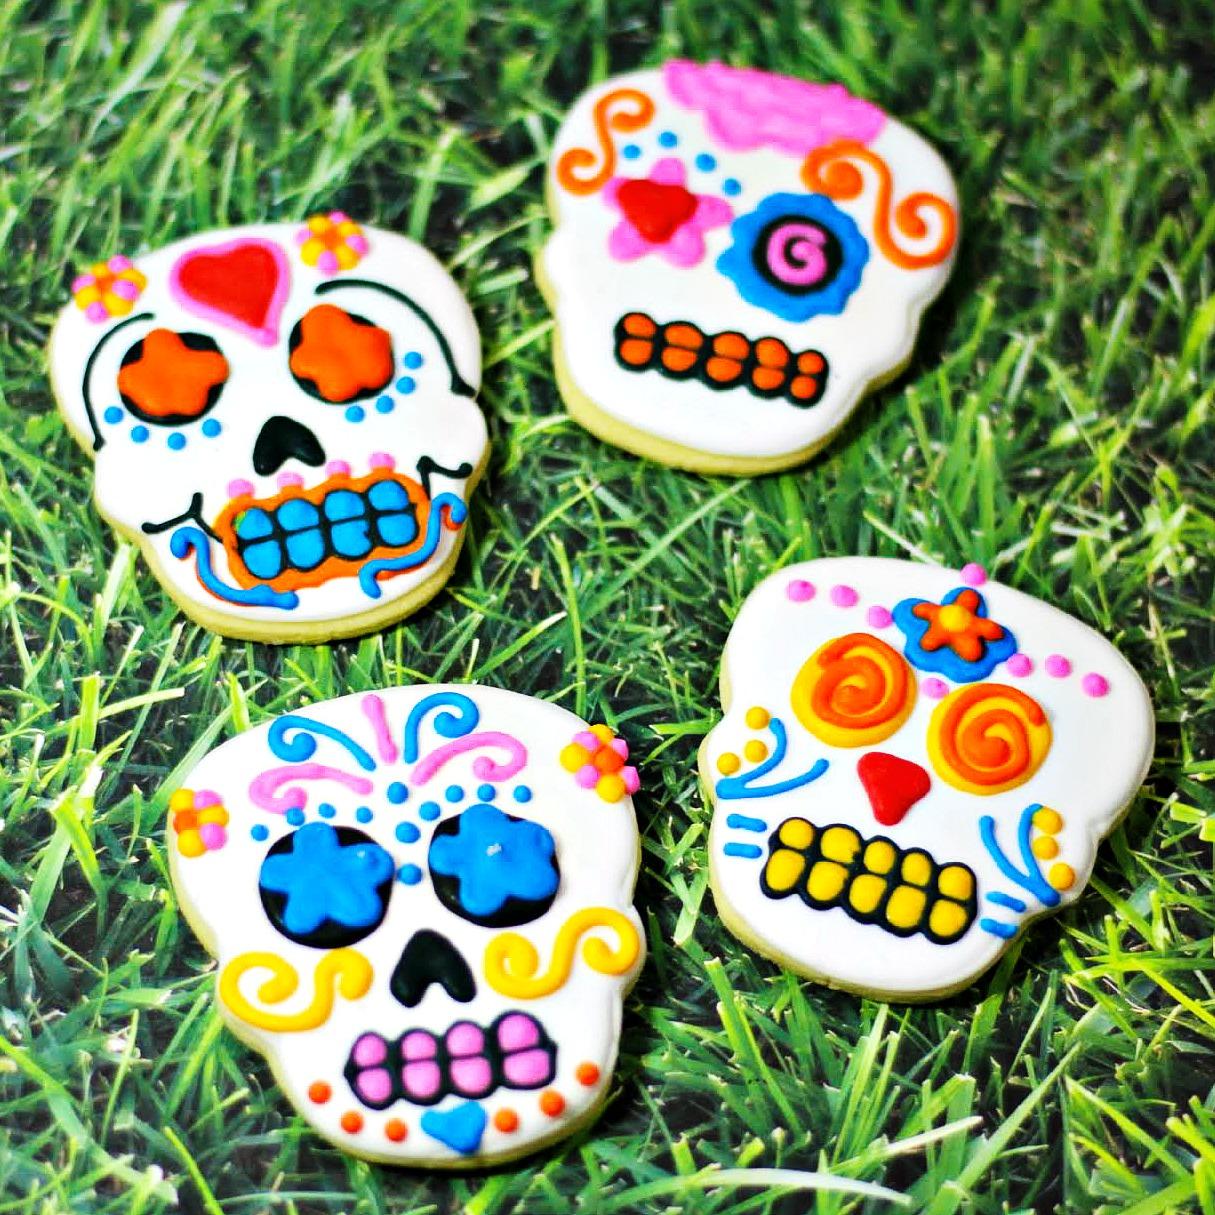 Day of the Dead (Dia de Los Muertos) Sugar Skull Cookies Recipe